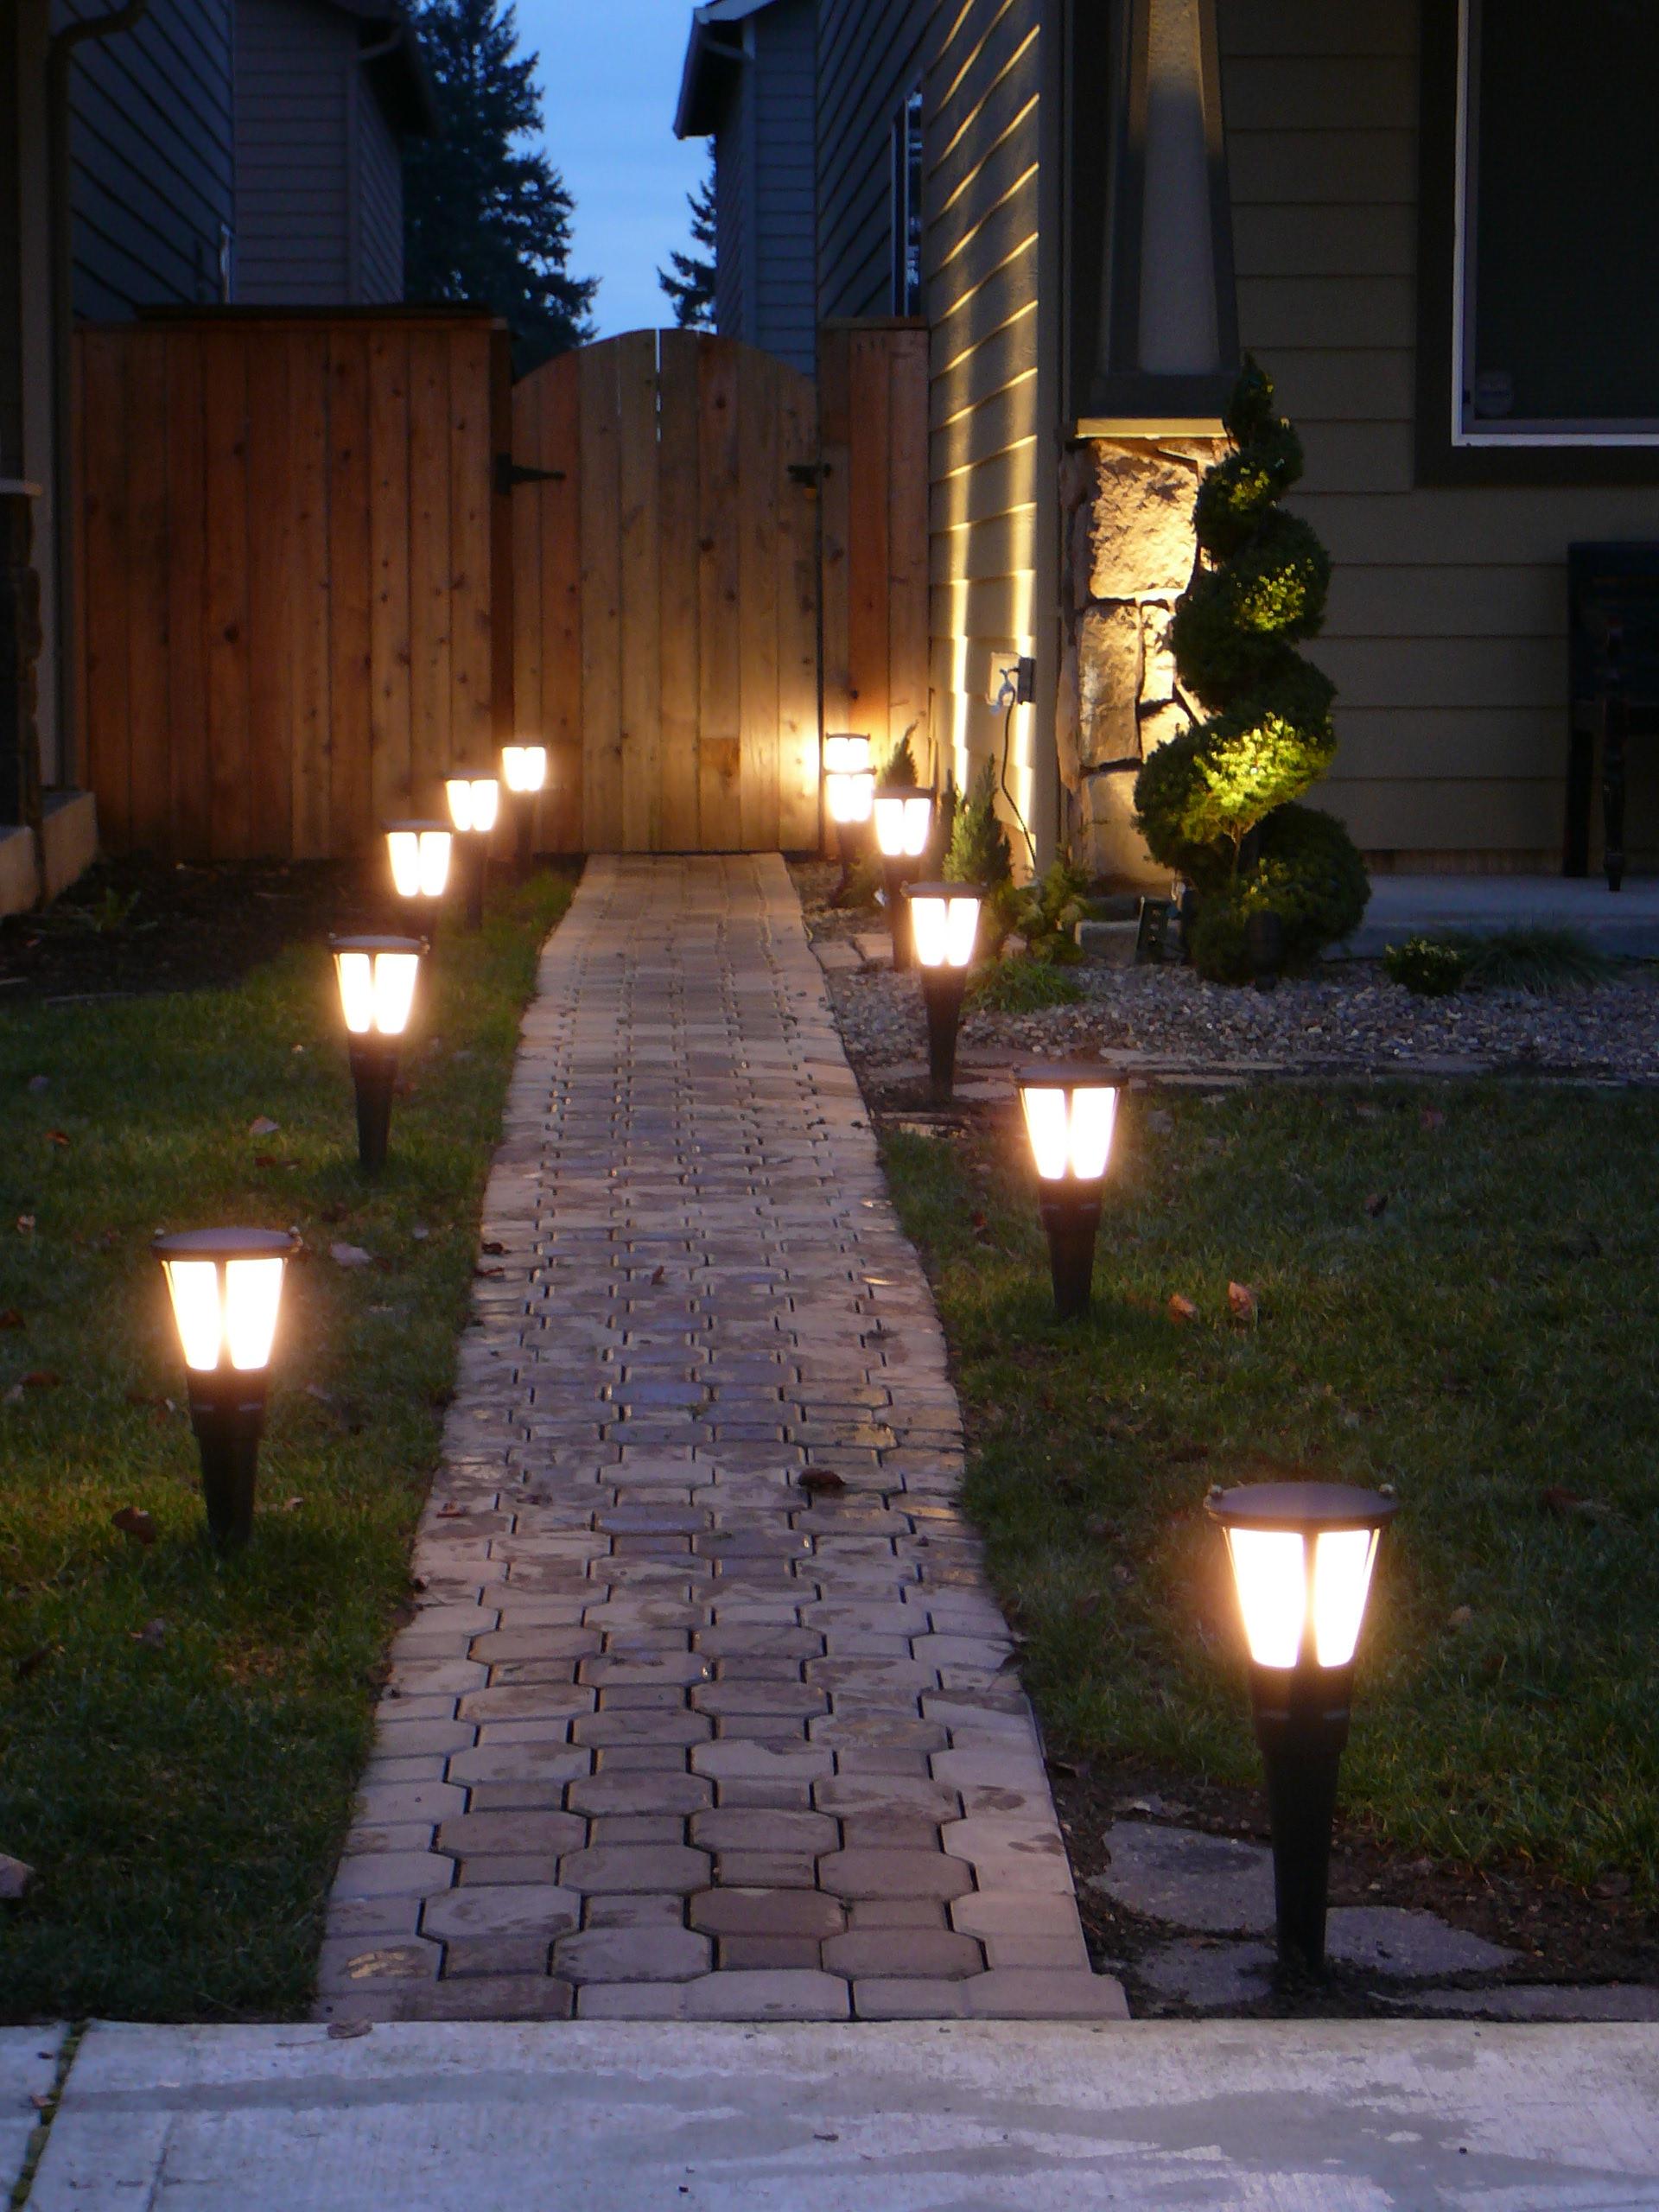 Устанавливаем фонари перед домом